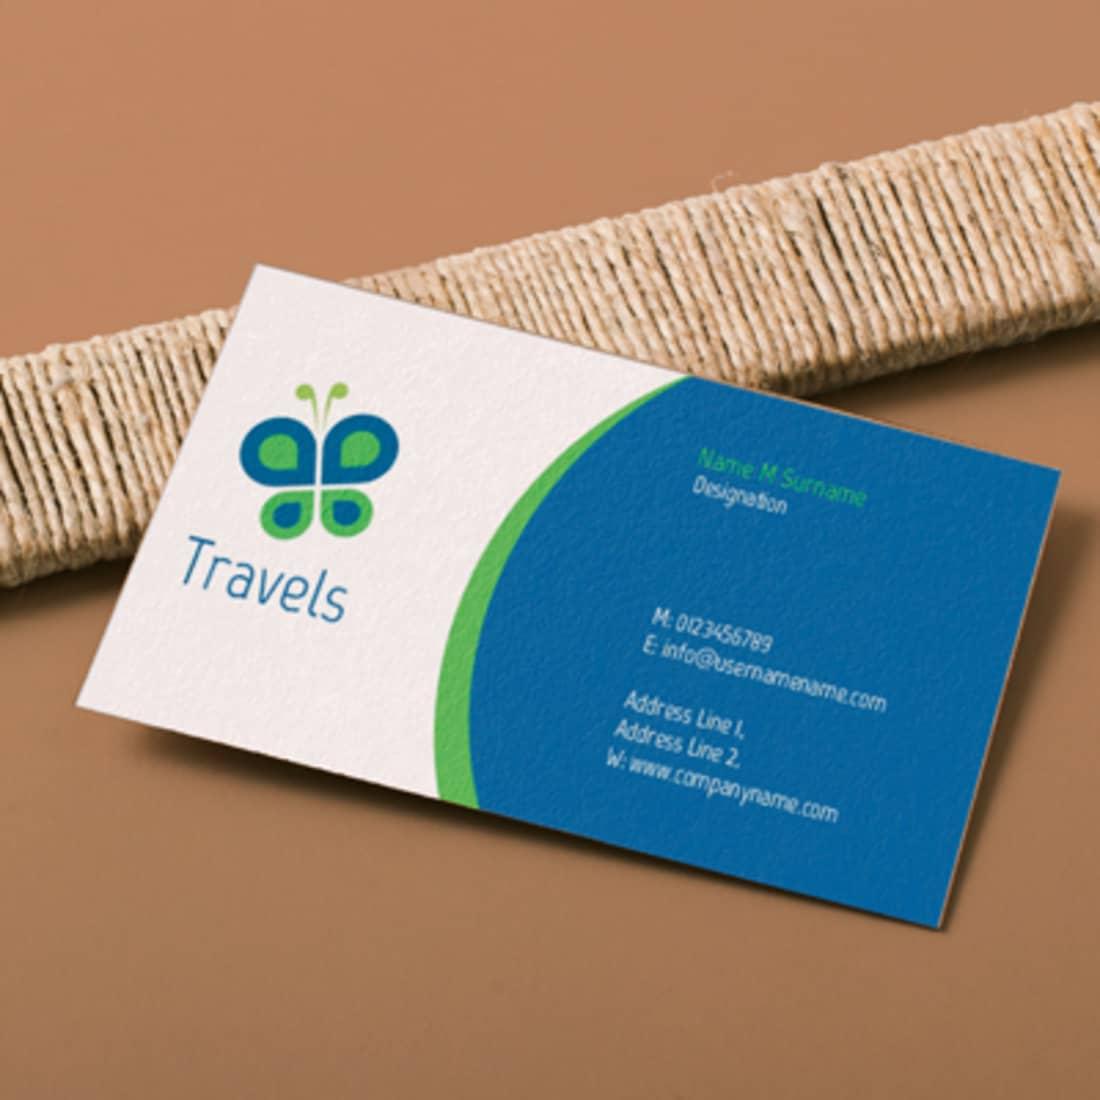 Travel Company card